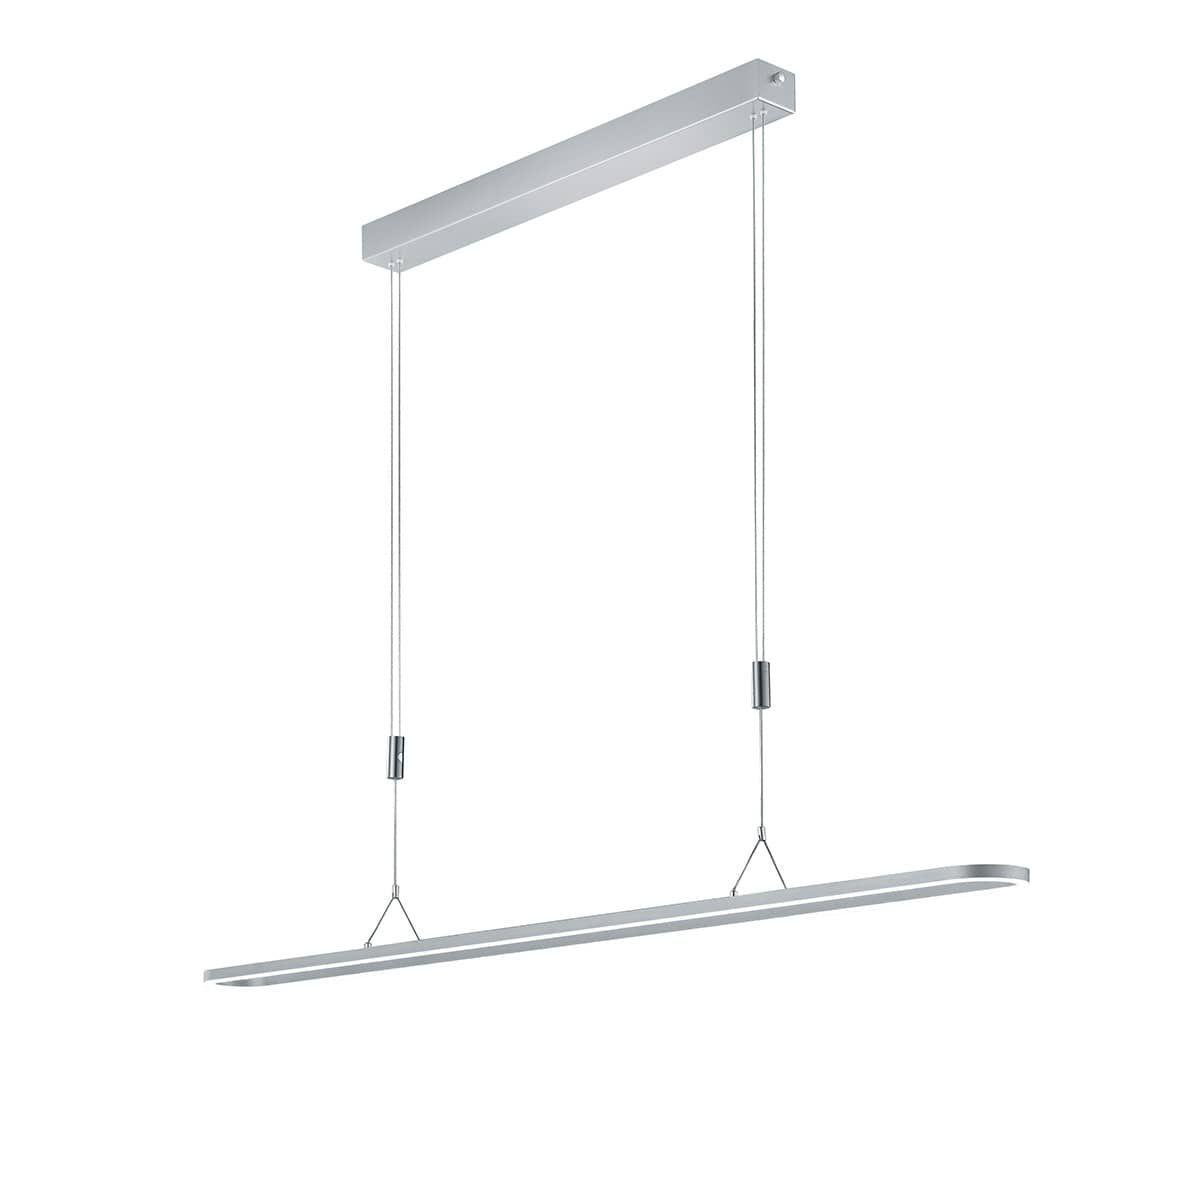 Kuchenlampe Pendelleuchte Einbaustrahler Ip65 Schwenkbar Bewegungsmelder Fur Led Strahler Decken In 2020 Led Pendelleuchte Dimmbar Pendelleuchte Bauernhauslampen